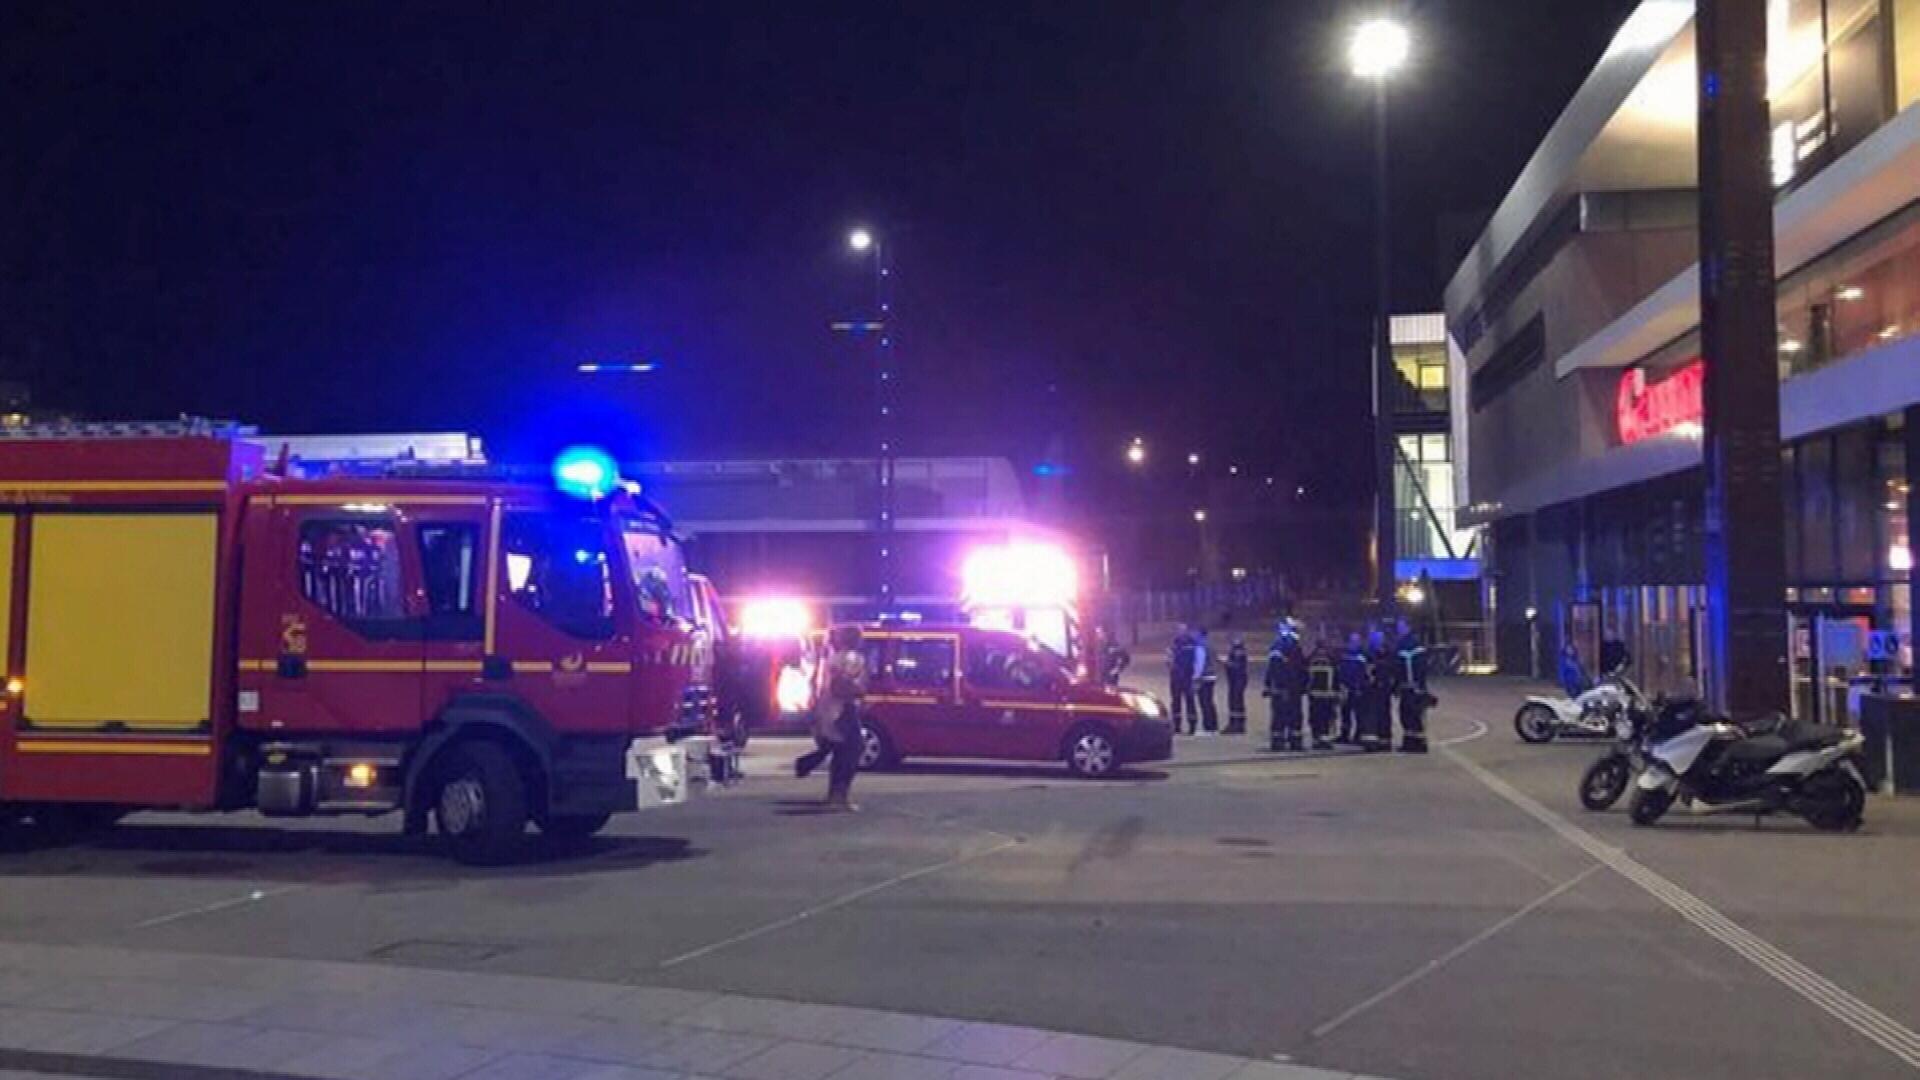 Knifeman stabs movie-goers in France, leaving two injured